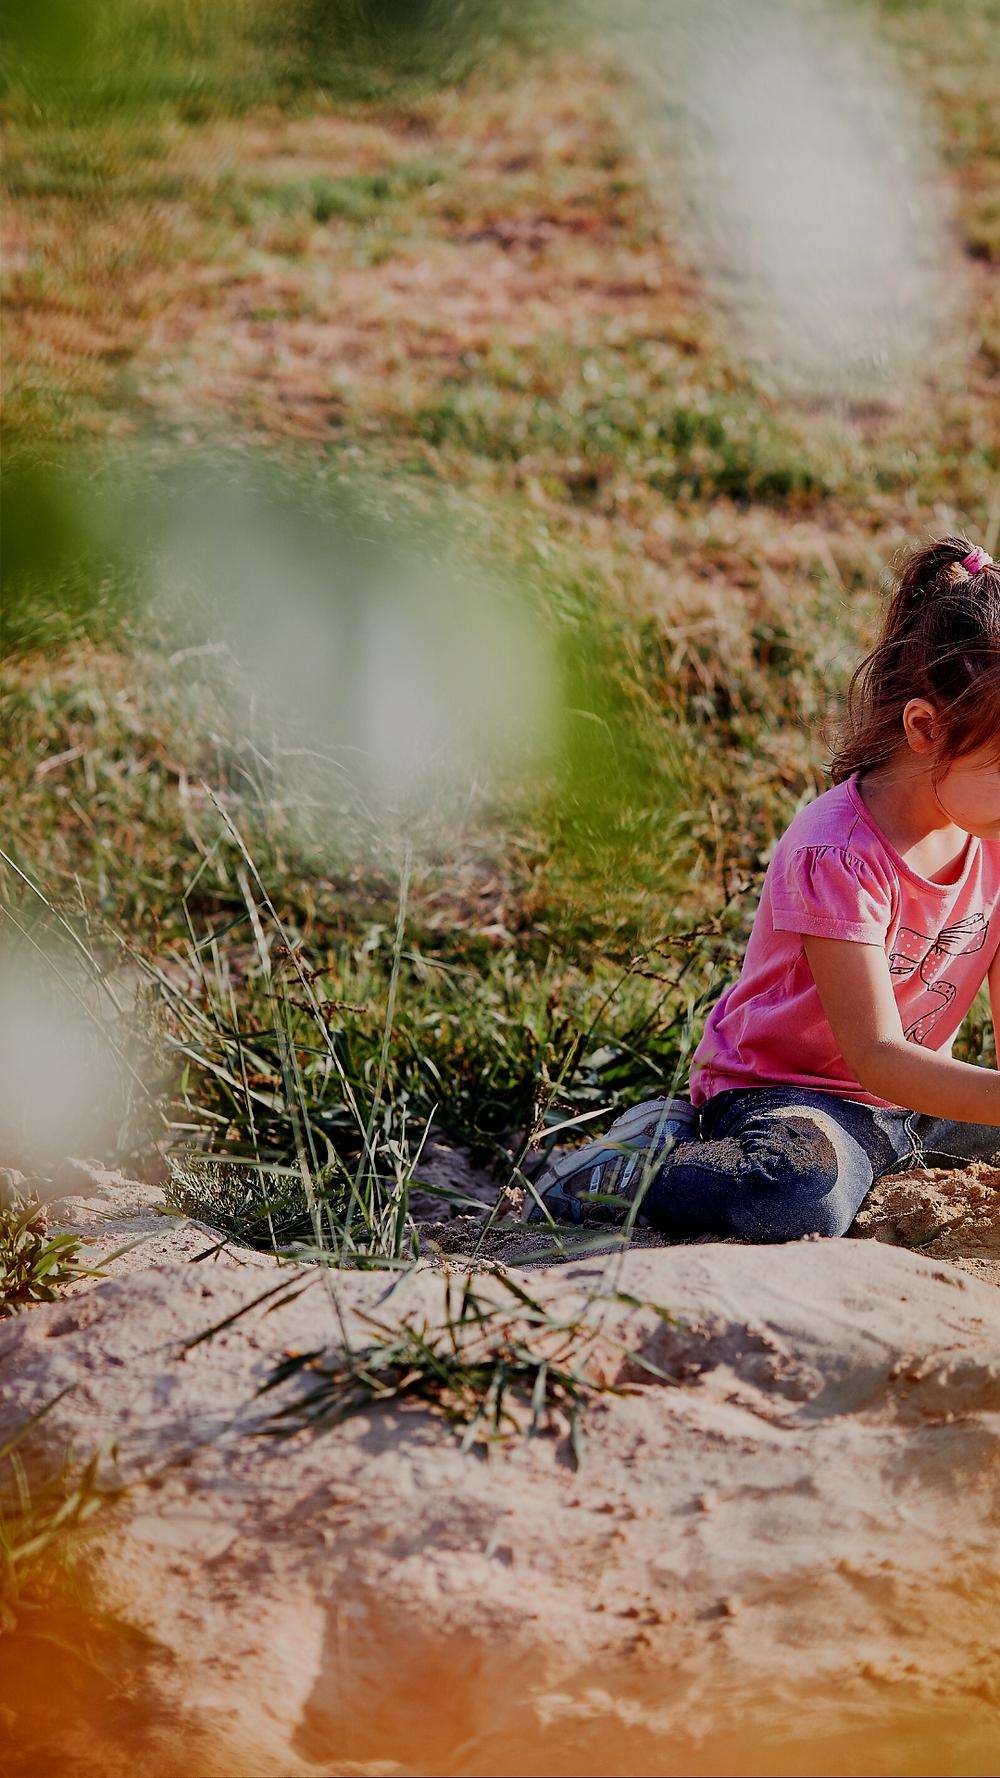 Mädchen sitzt in der Natur (Sand und Wiese), Quelle: Canva